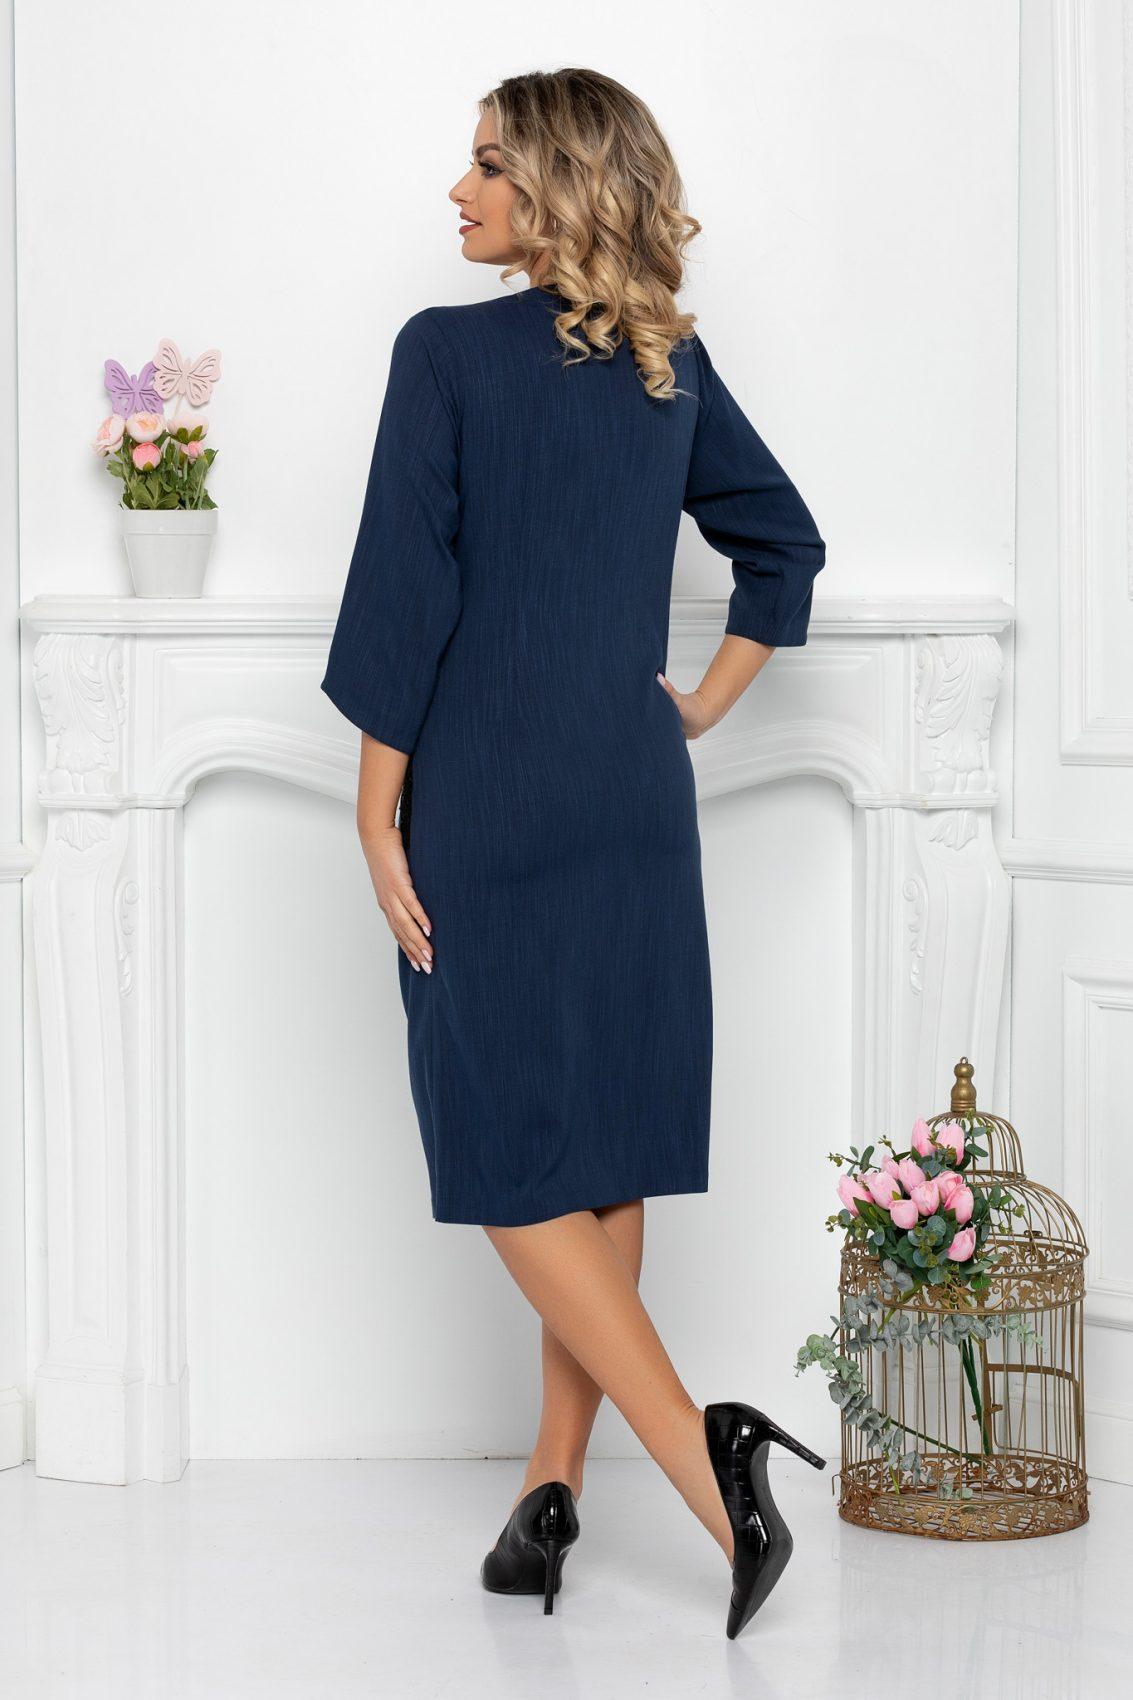 Μπλε Φόρεμα Με Δαντέλα Hadley 9410 2